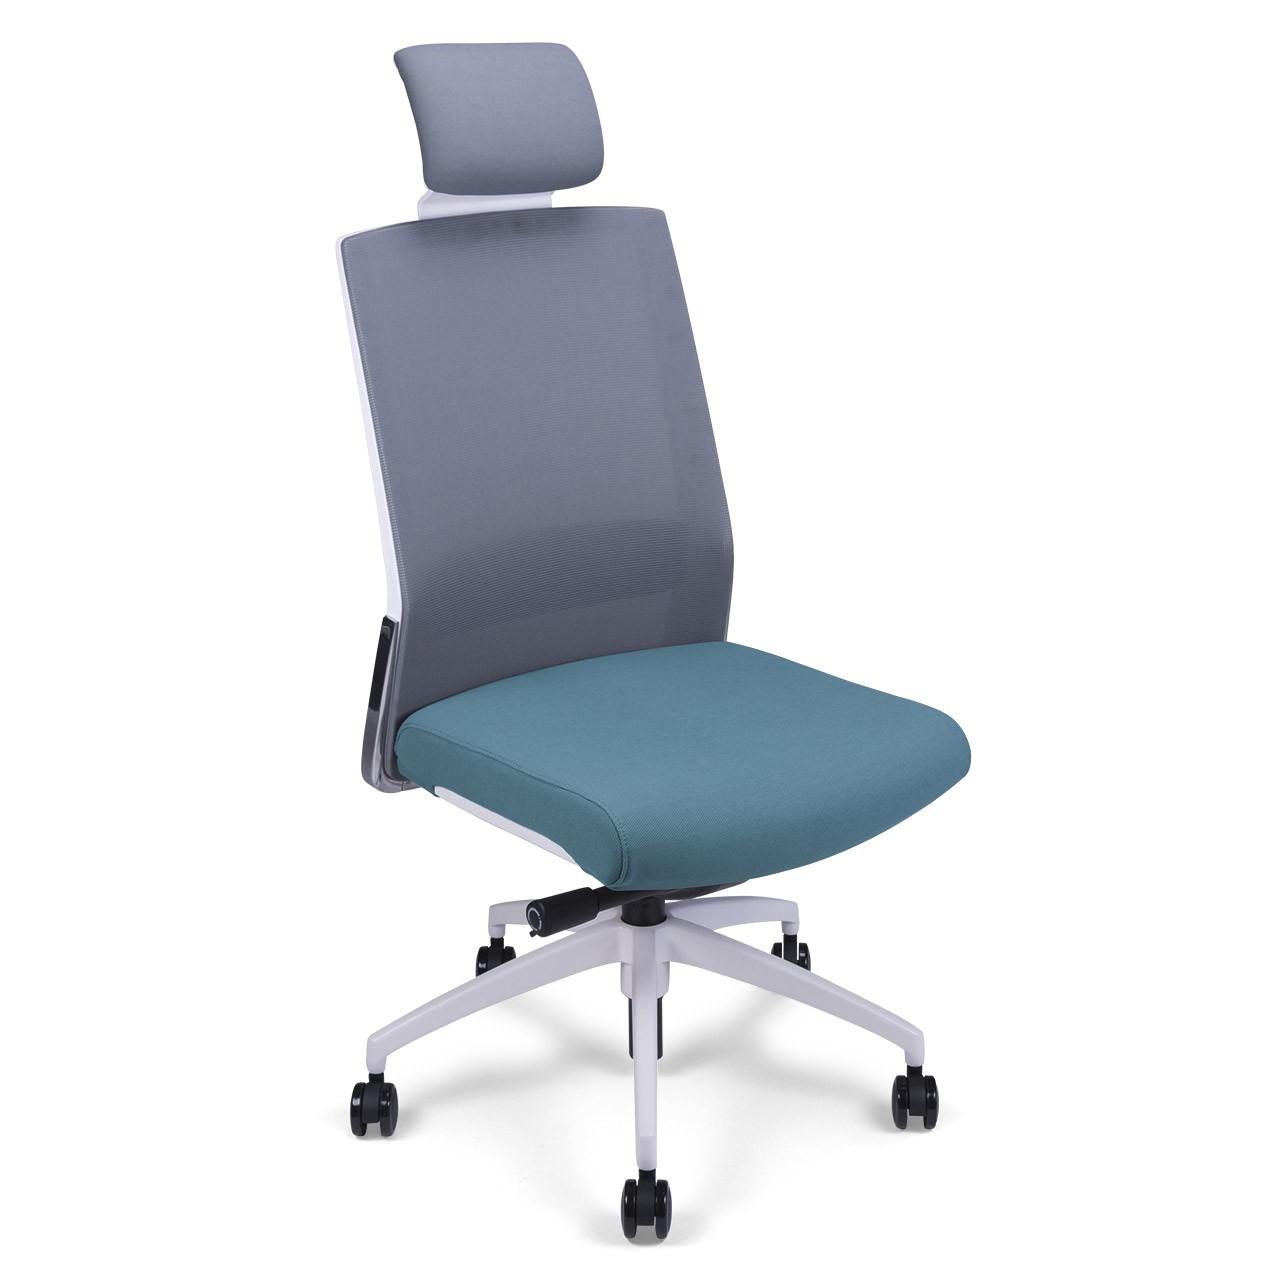 fauteuil de bureau ergonomique creative. Black Bedroom Furniture Sets. Home Design Ideas